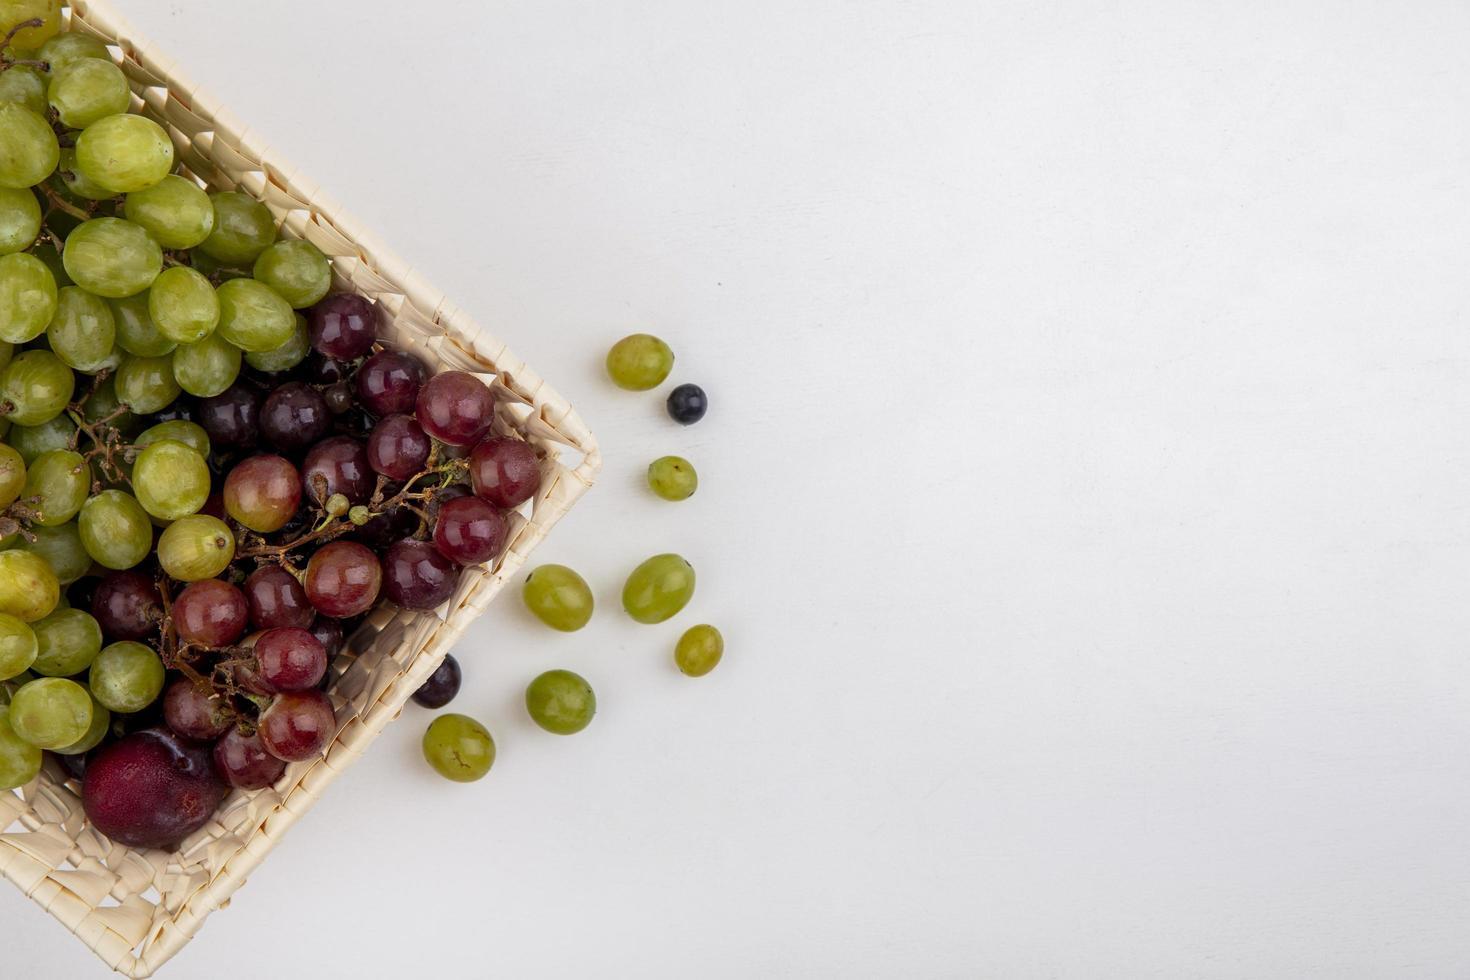 frutta assortita in un cesto su sfondo neutro foto